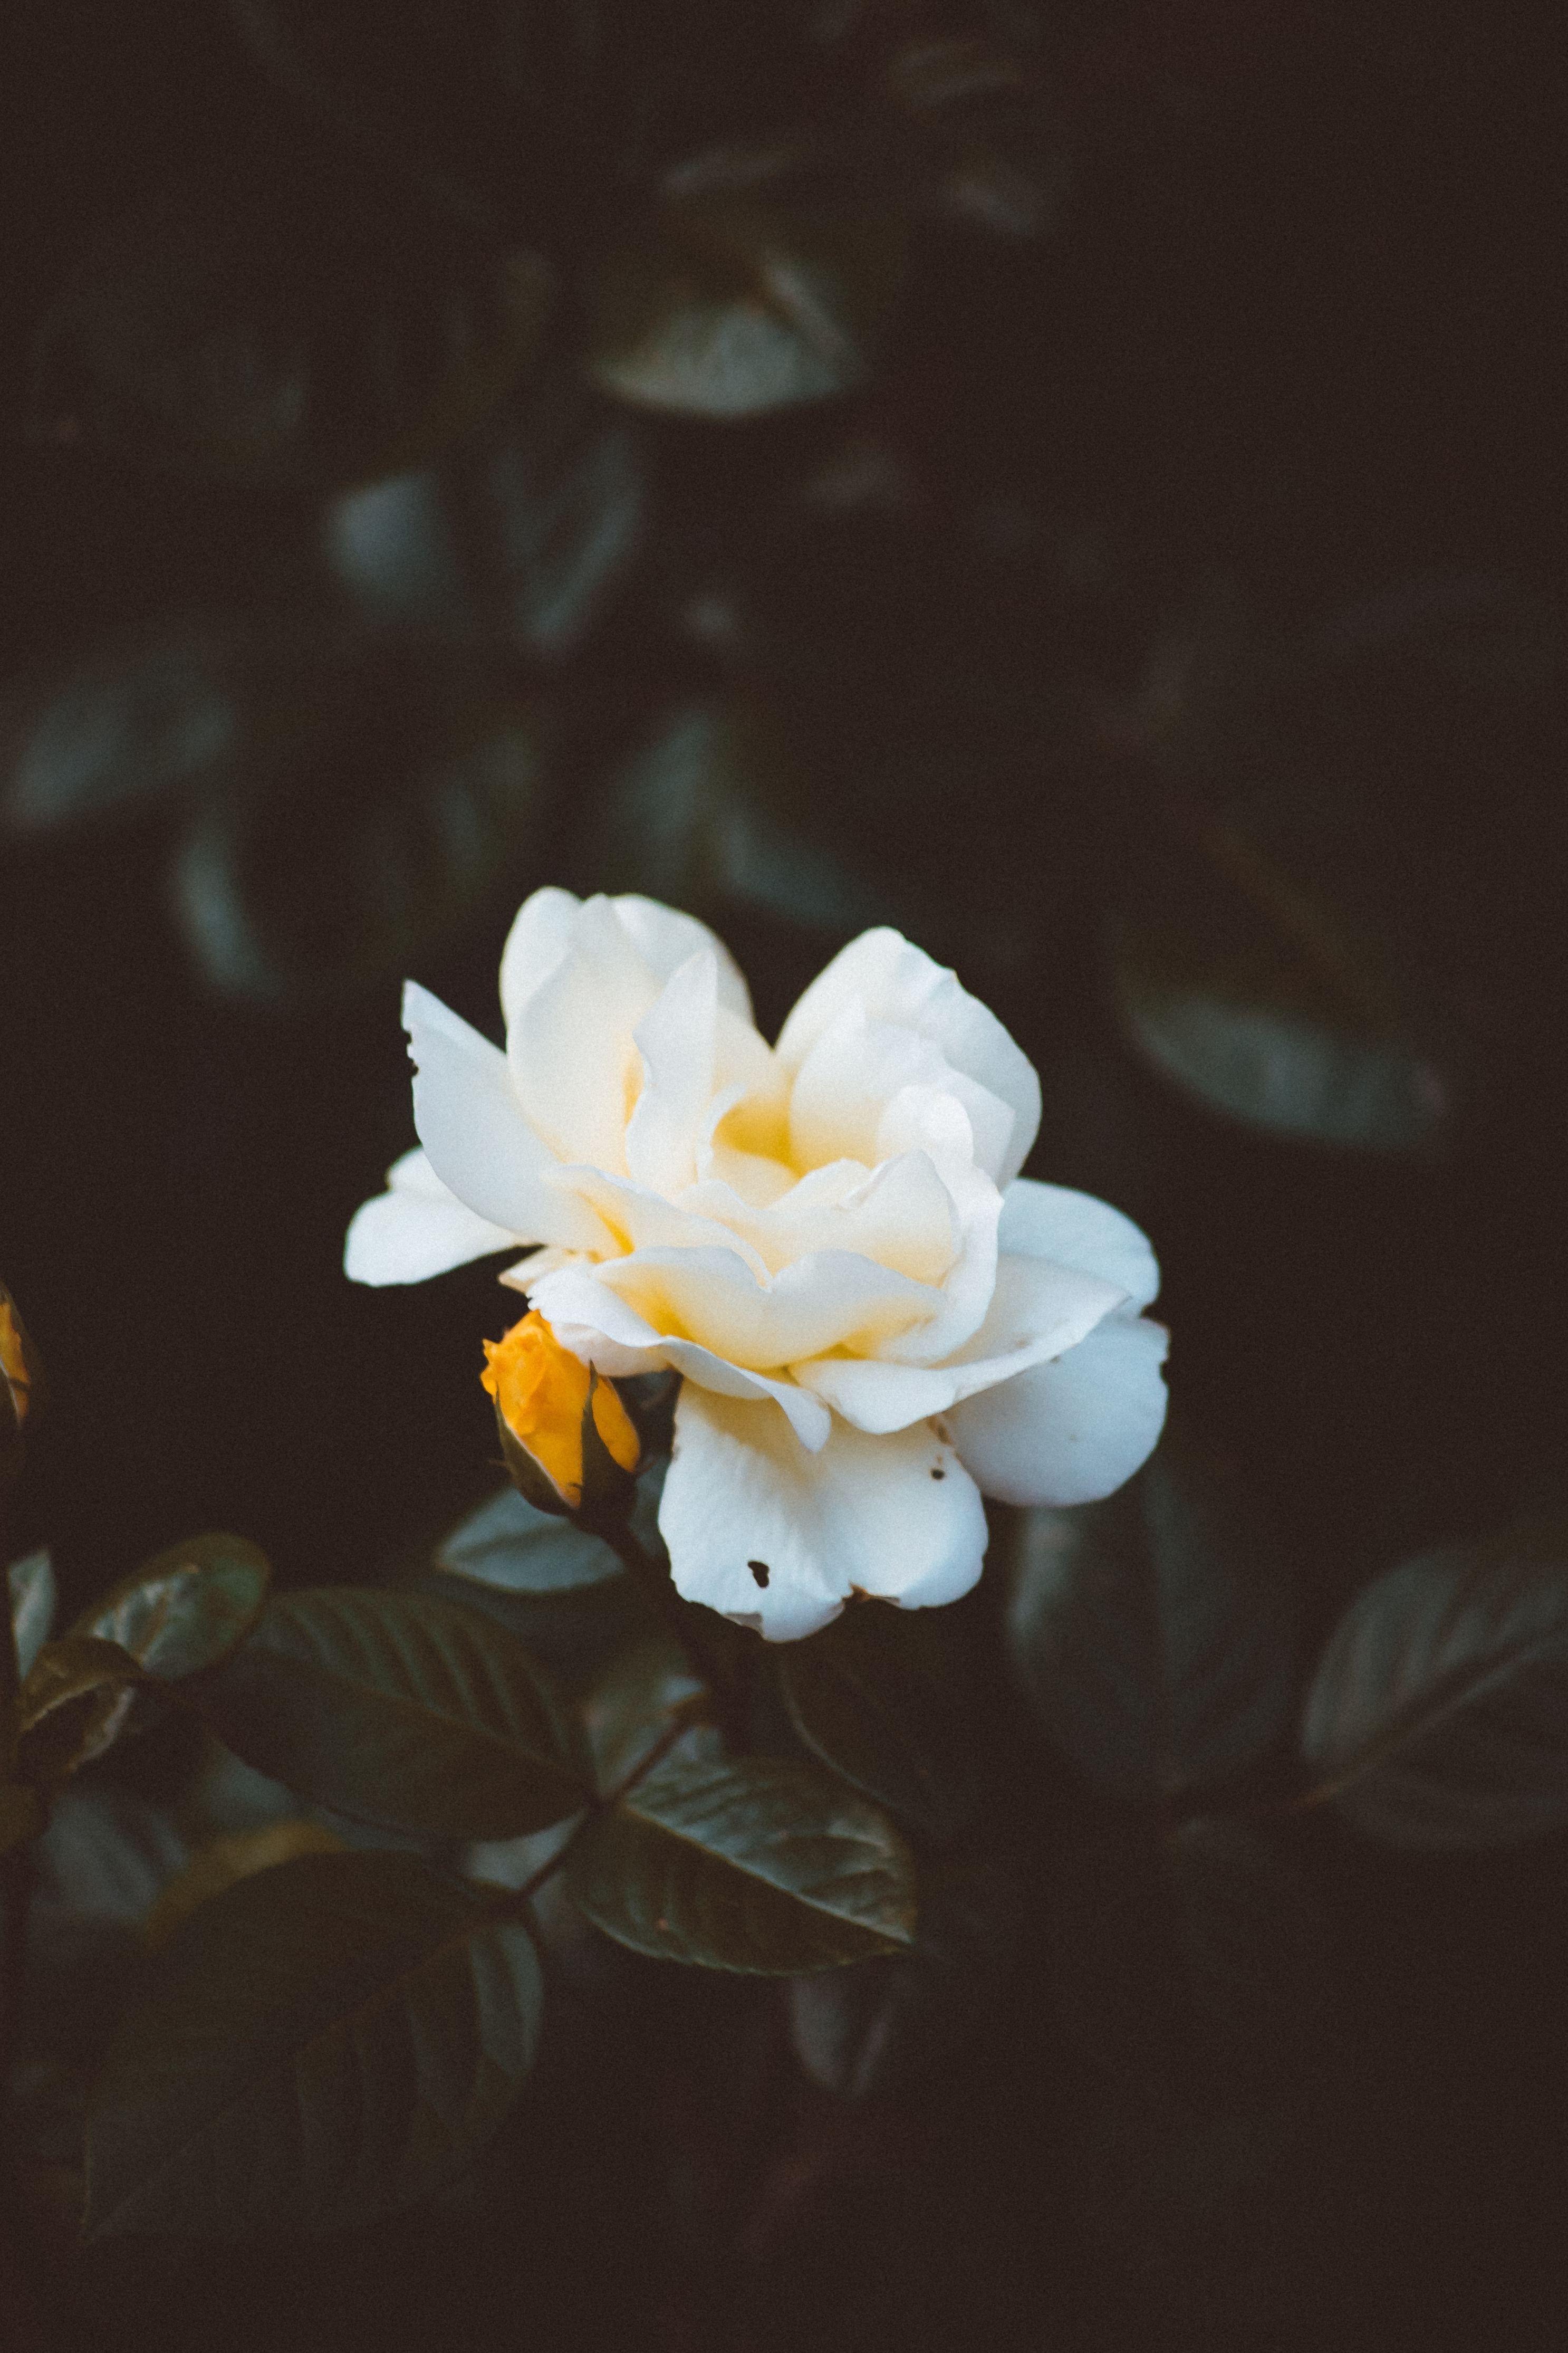 White Flower White Flower Wallpaper Beautiful Rose Flowers Images Beautiful Rose Flowers